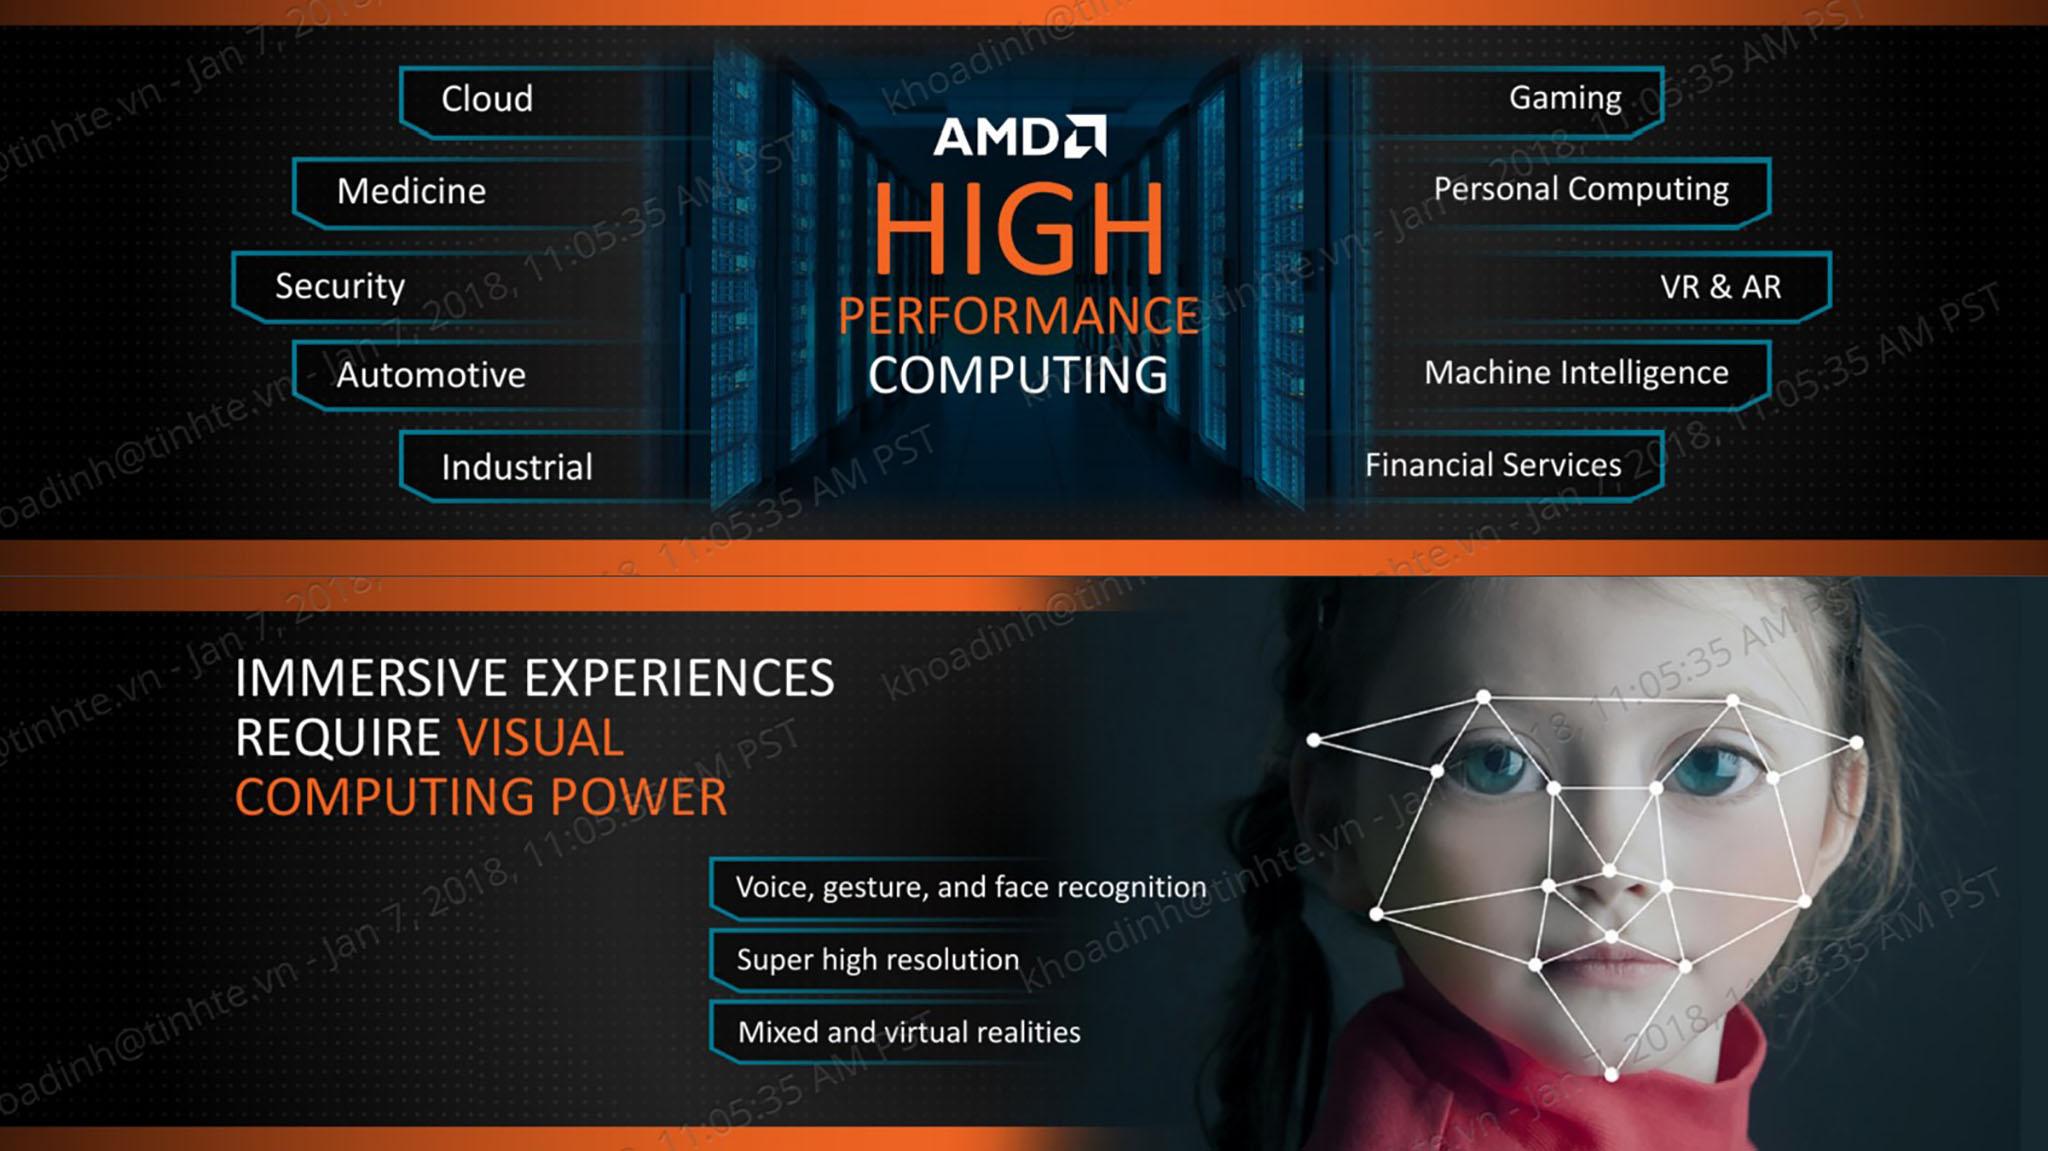 AMD 3 lĩnh vực đầu tư.jpg